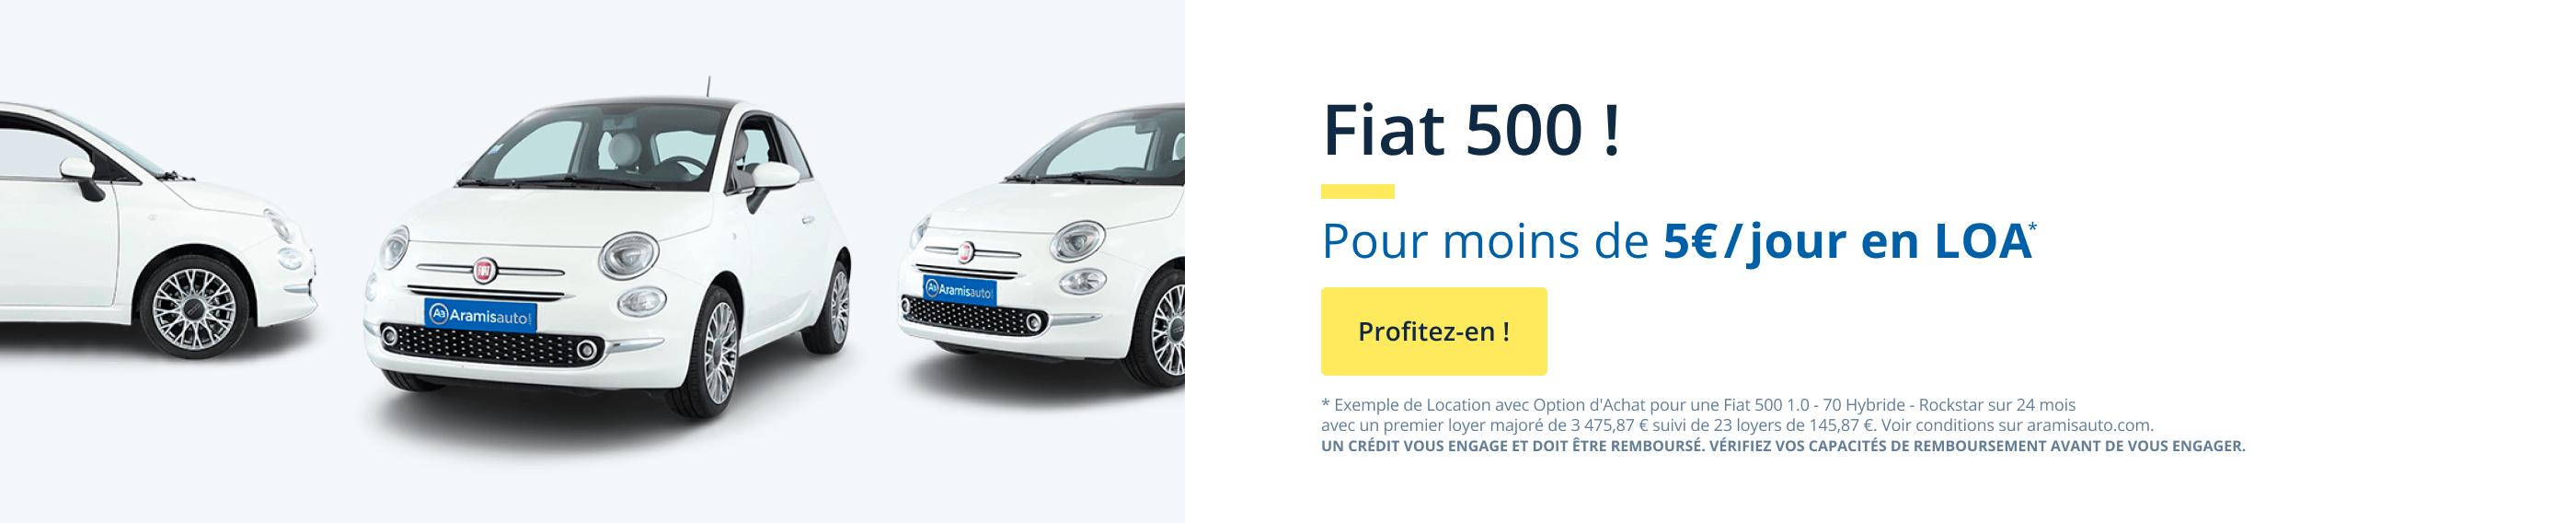 Votre Fiat 500 en LOA à moins de 5€ par jour.